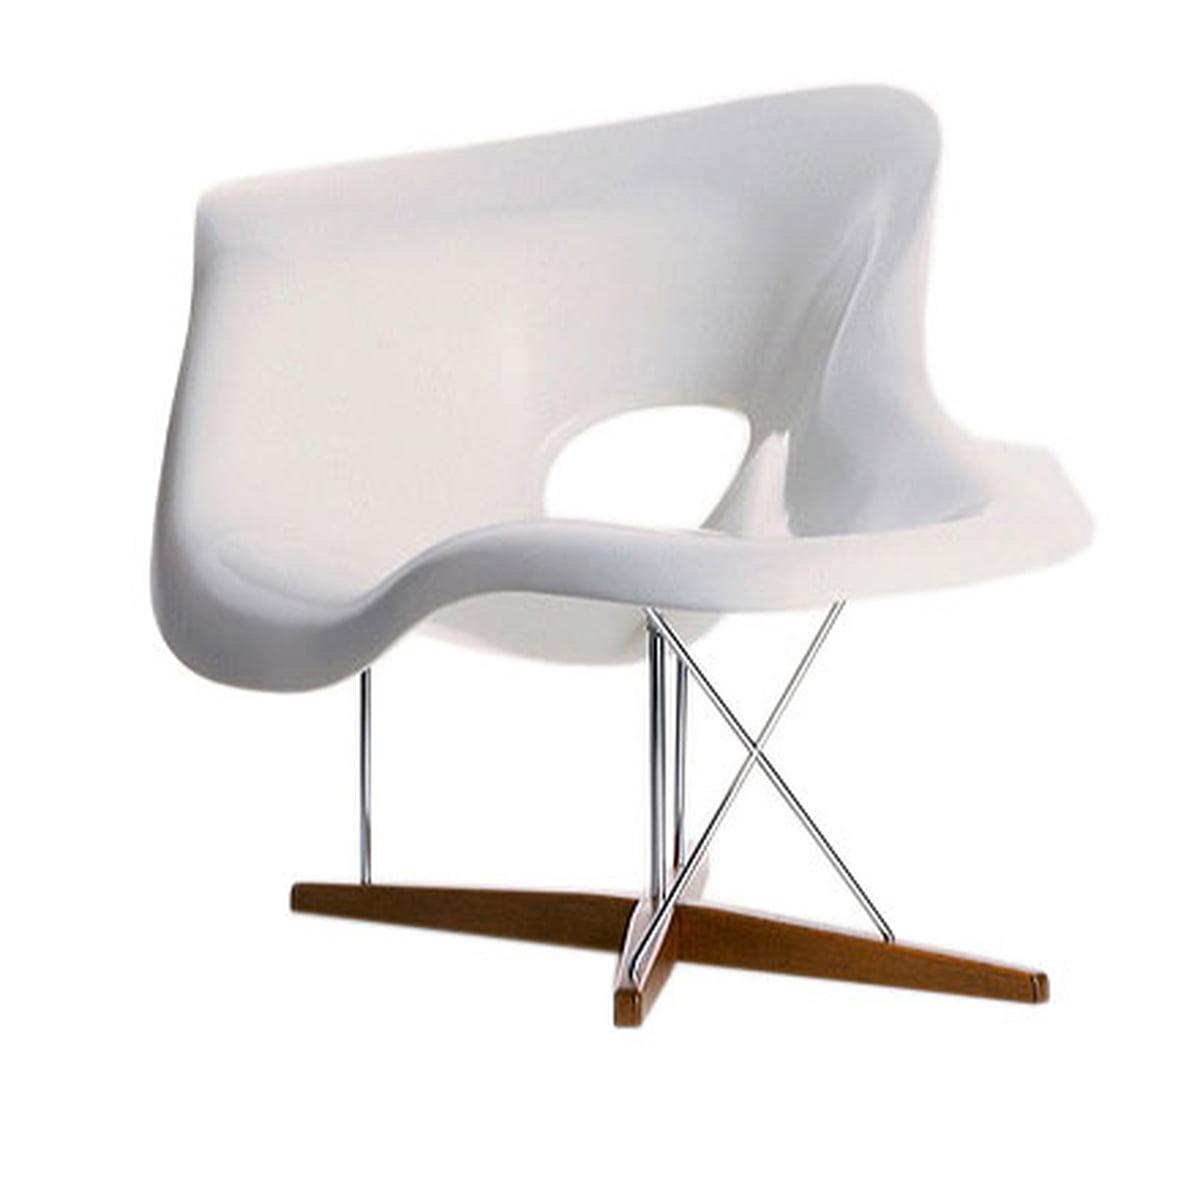 Vitra - La Chaise, white